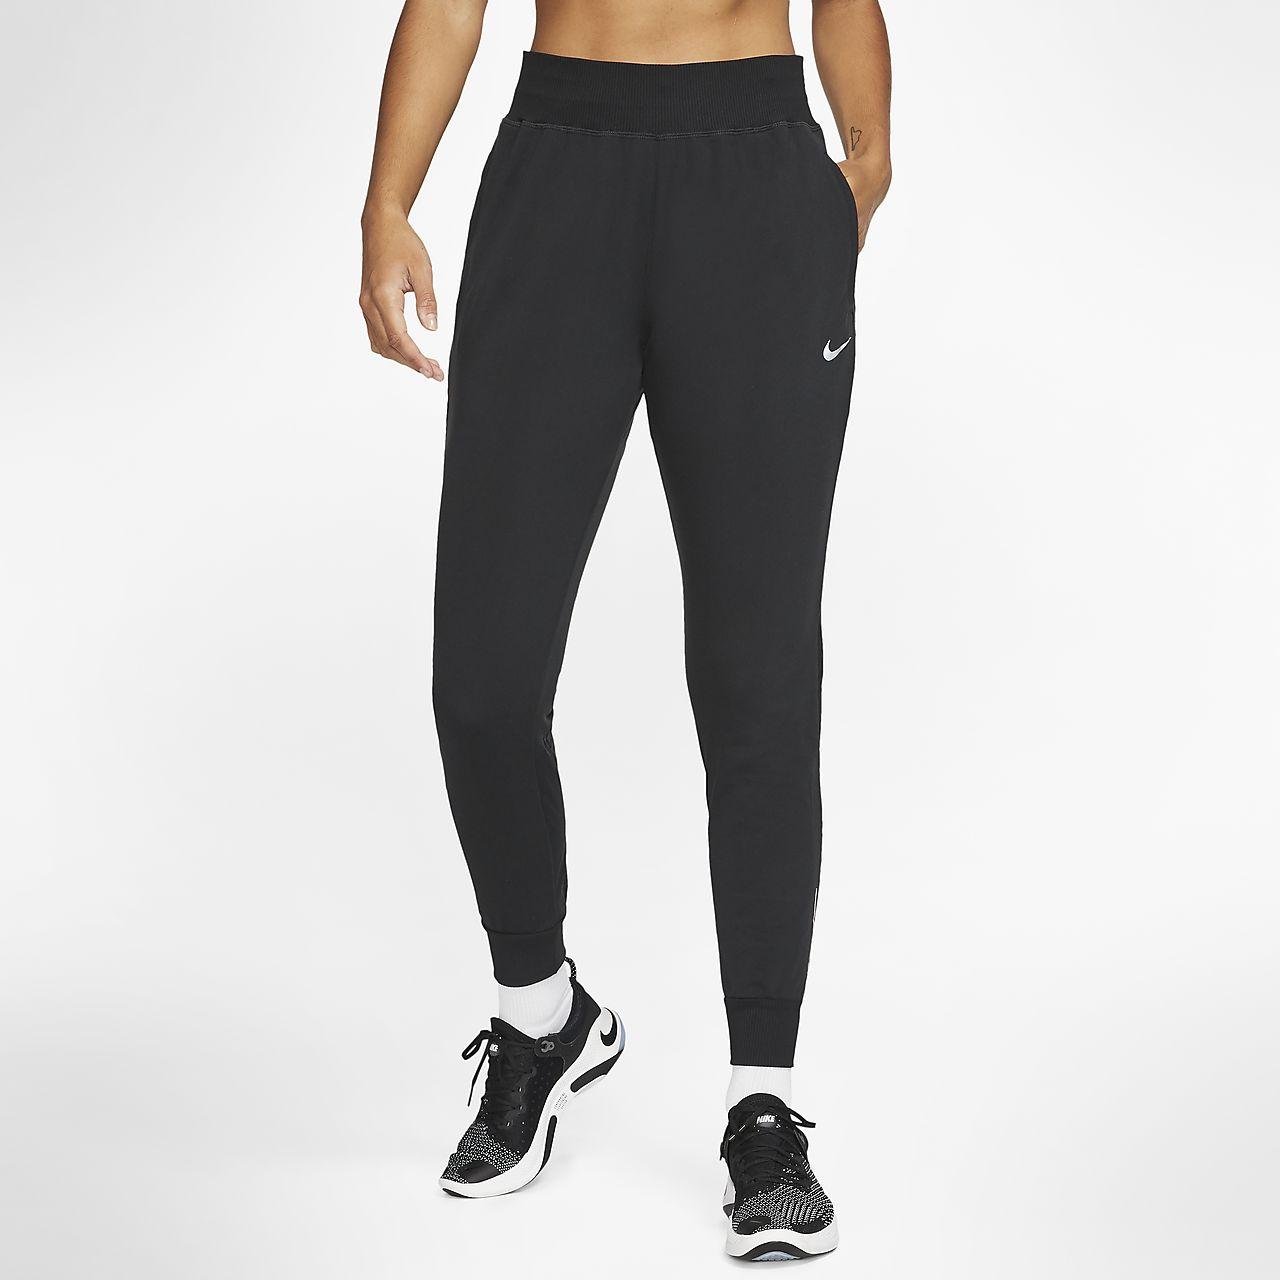 Pantaloni da In Nike esecuzione Nike In Essential Donna 7aaafa